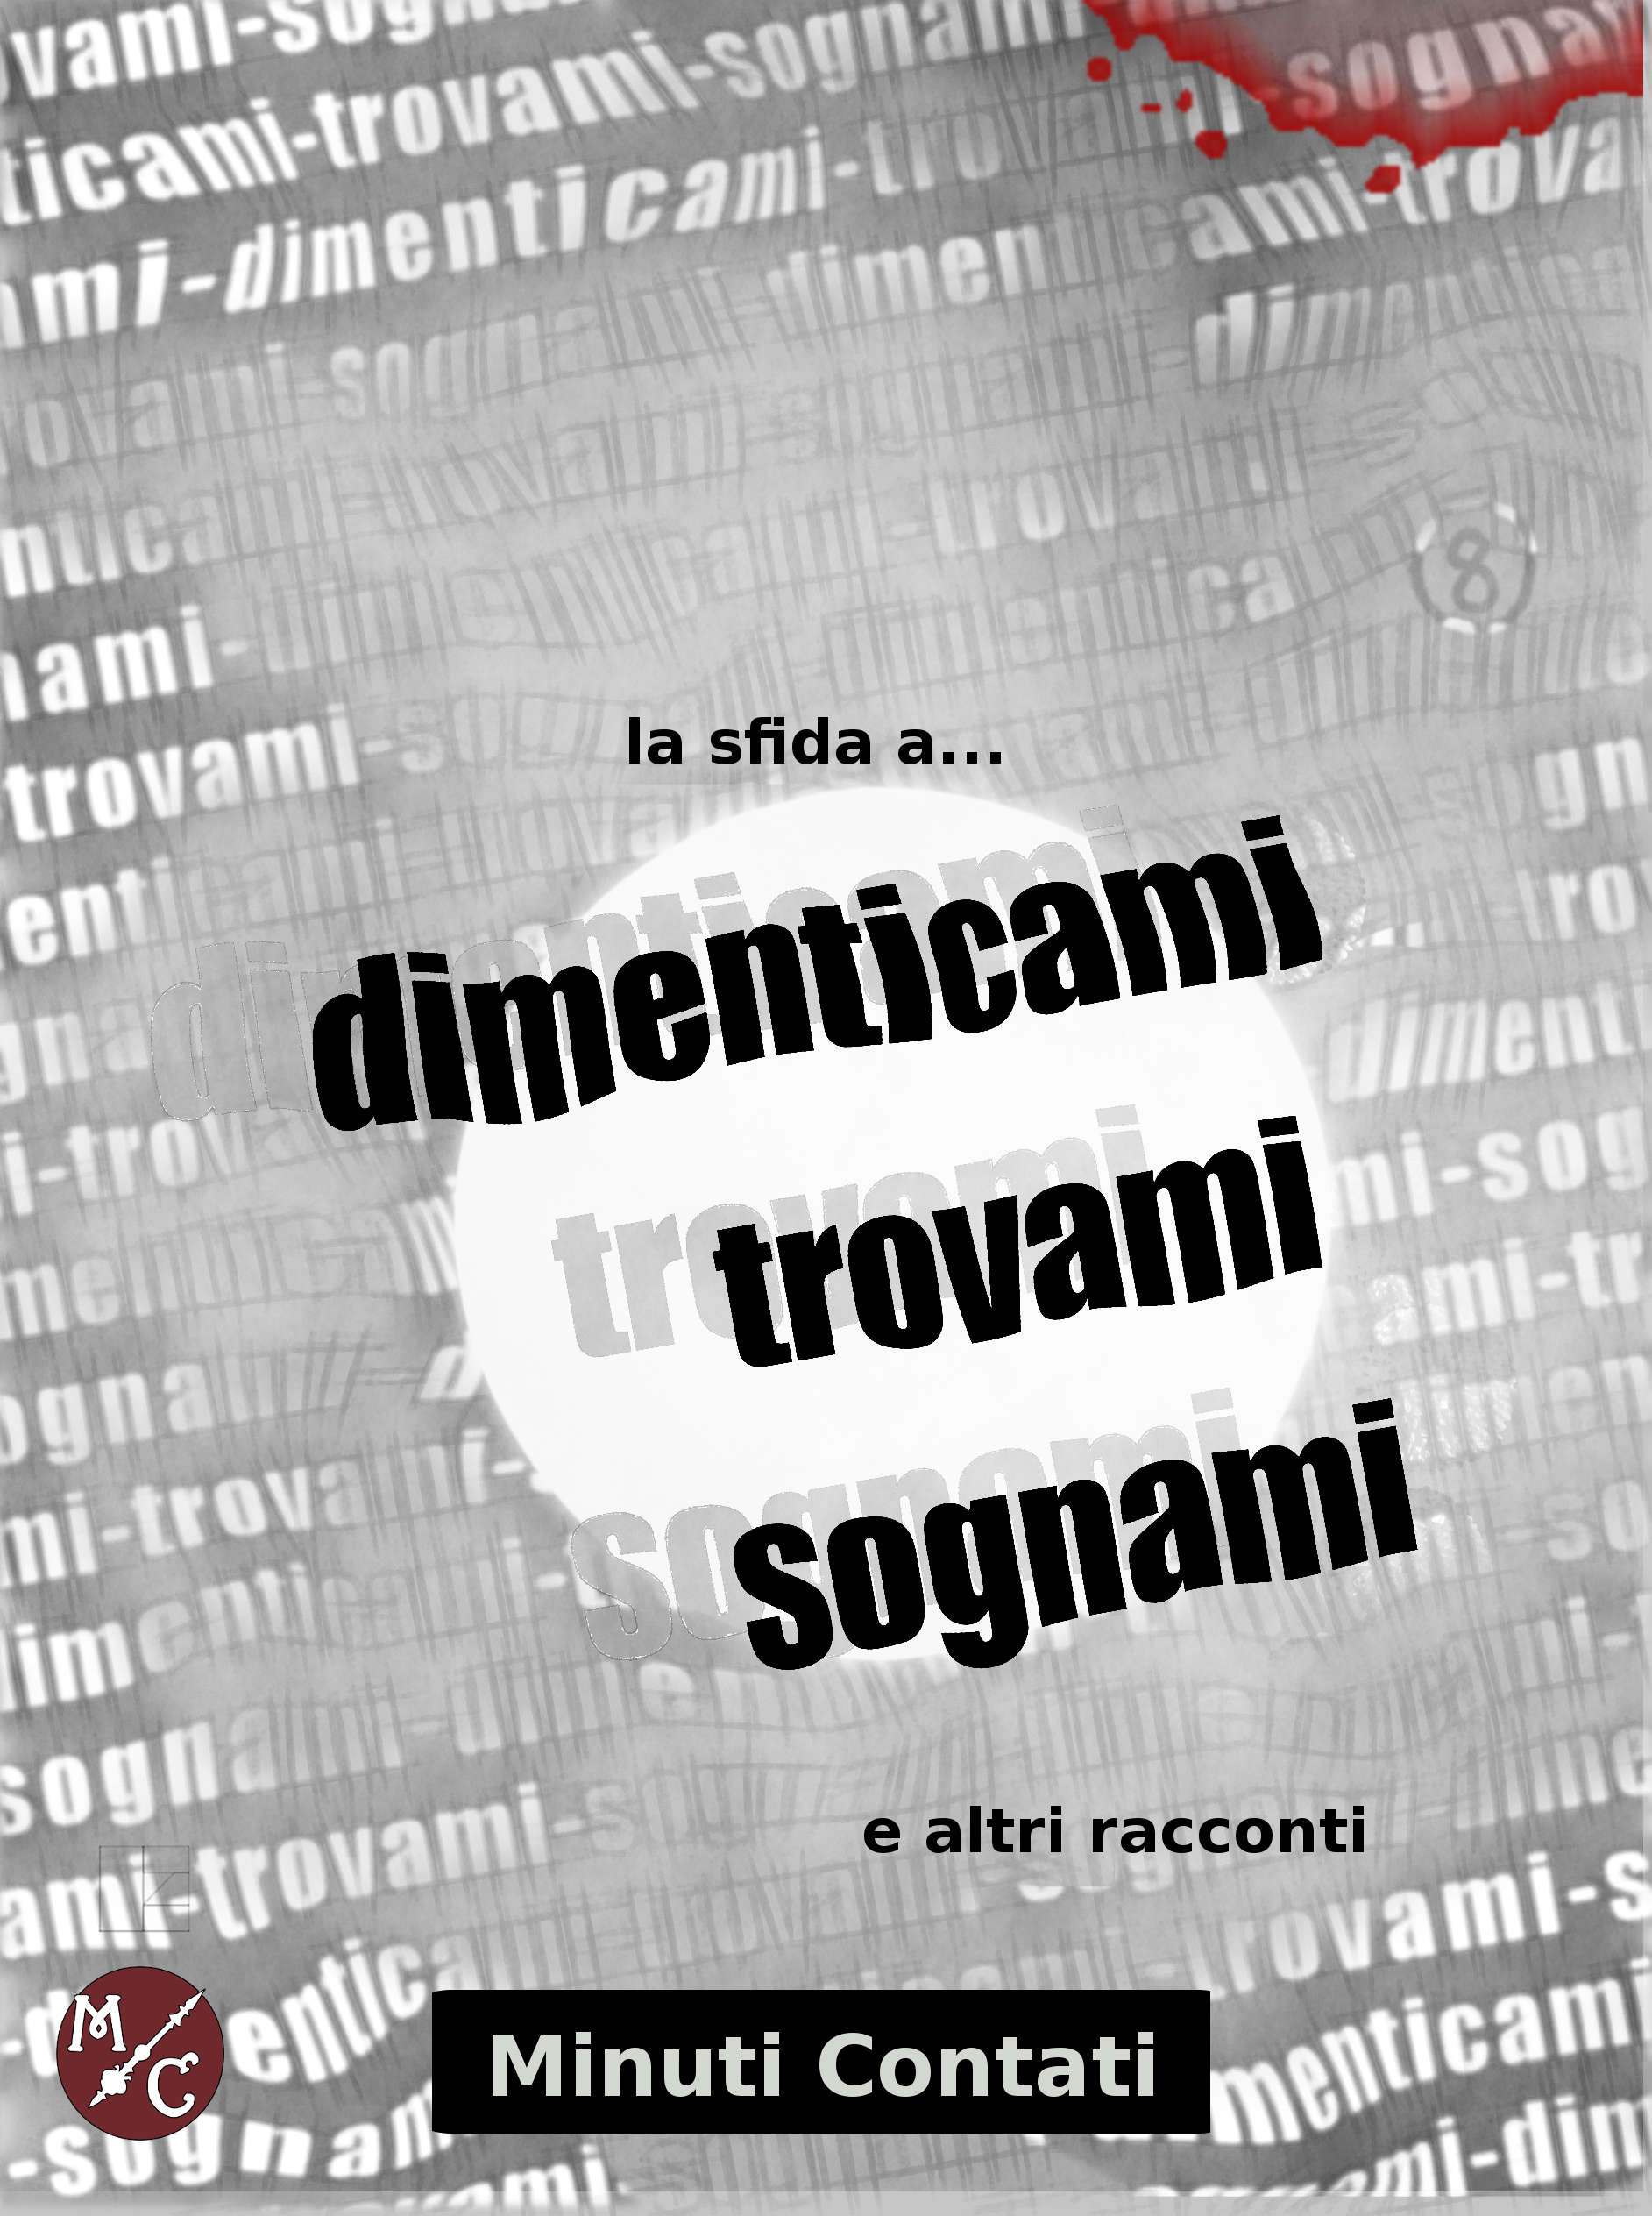 http://www.minuticontati.com/book-la-sfida-dimenticami-trovami-sognami/